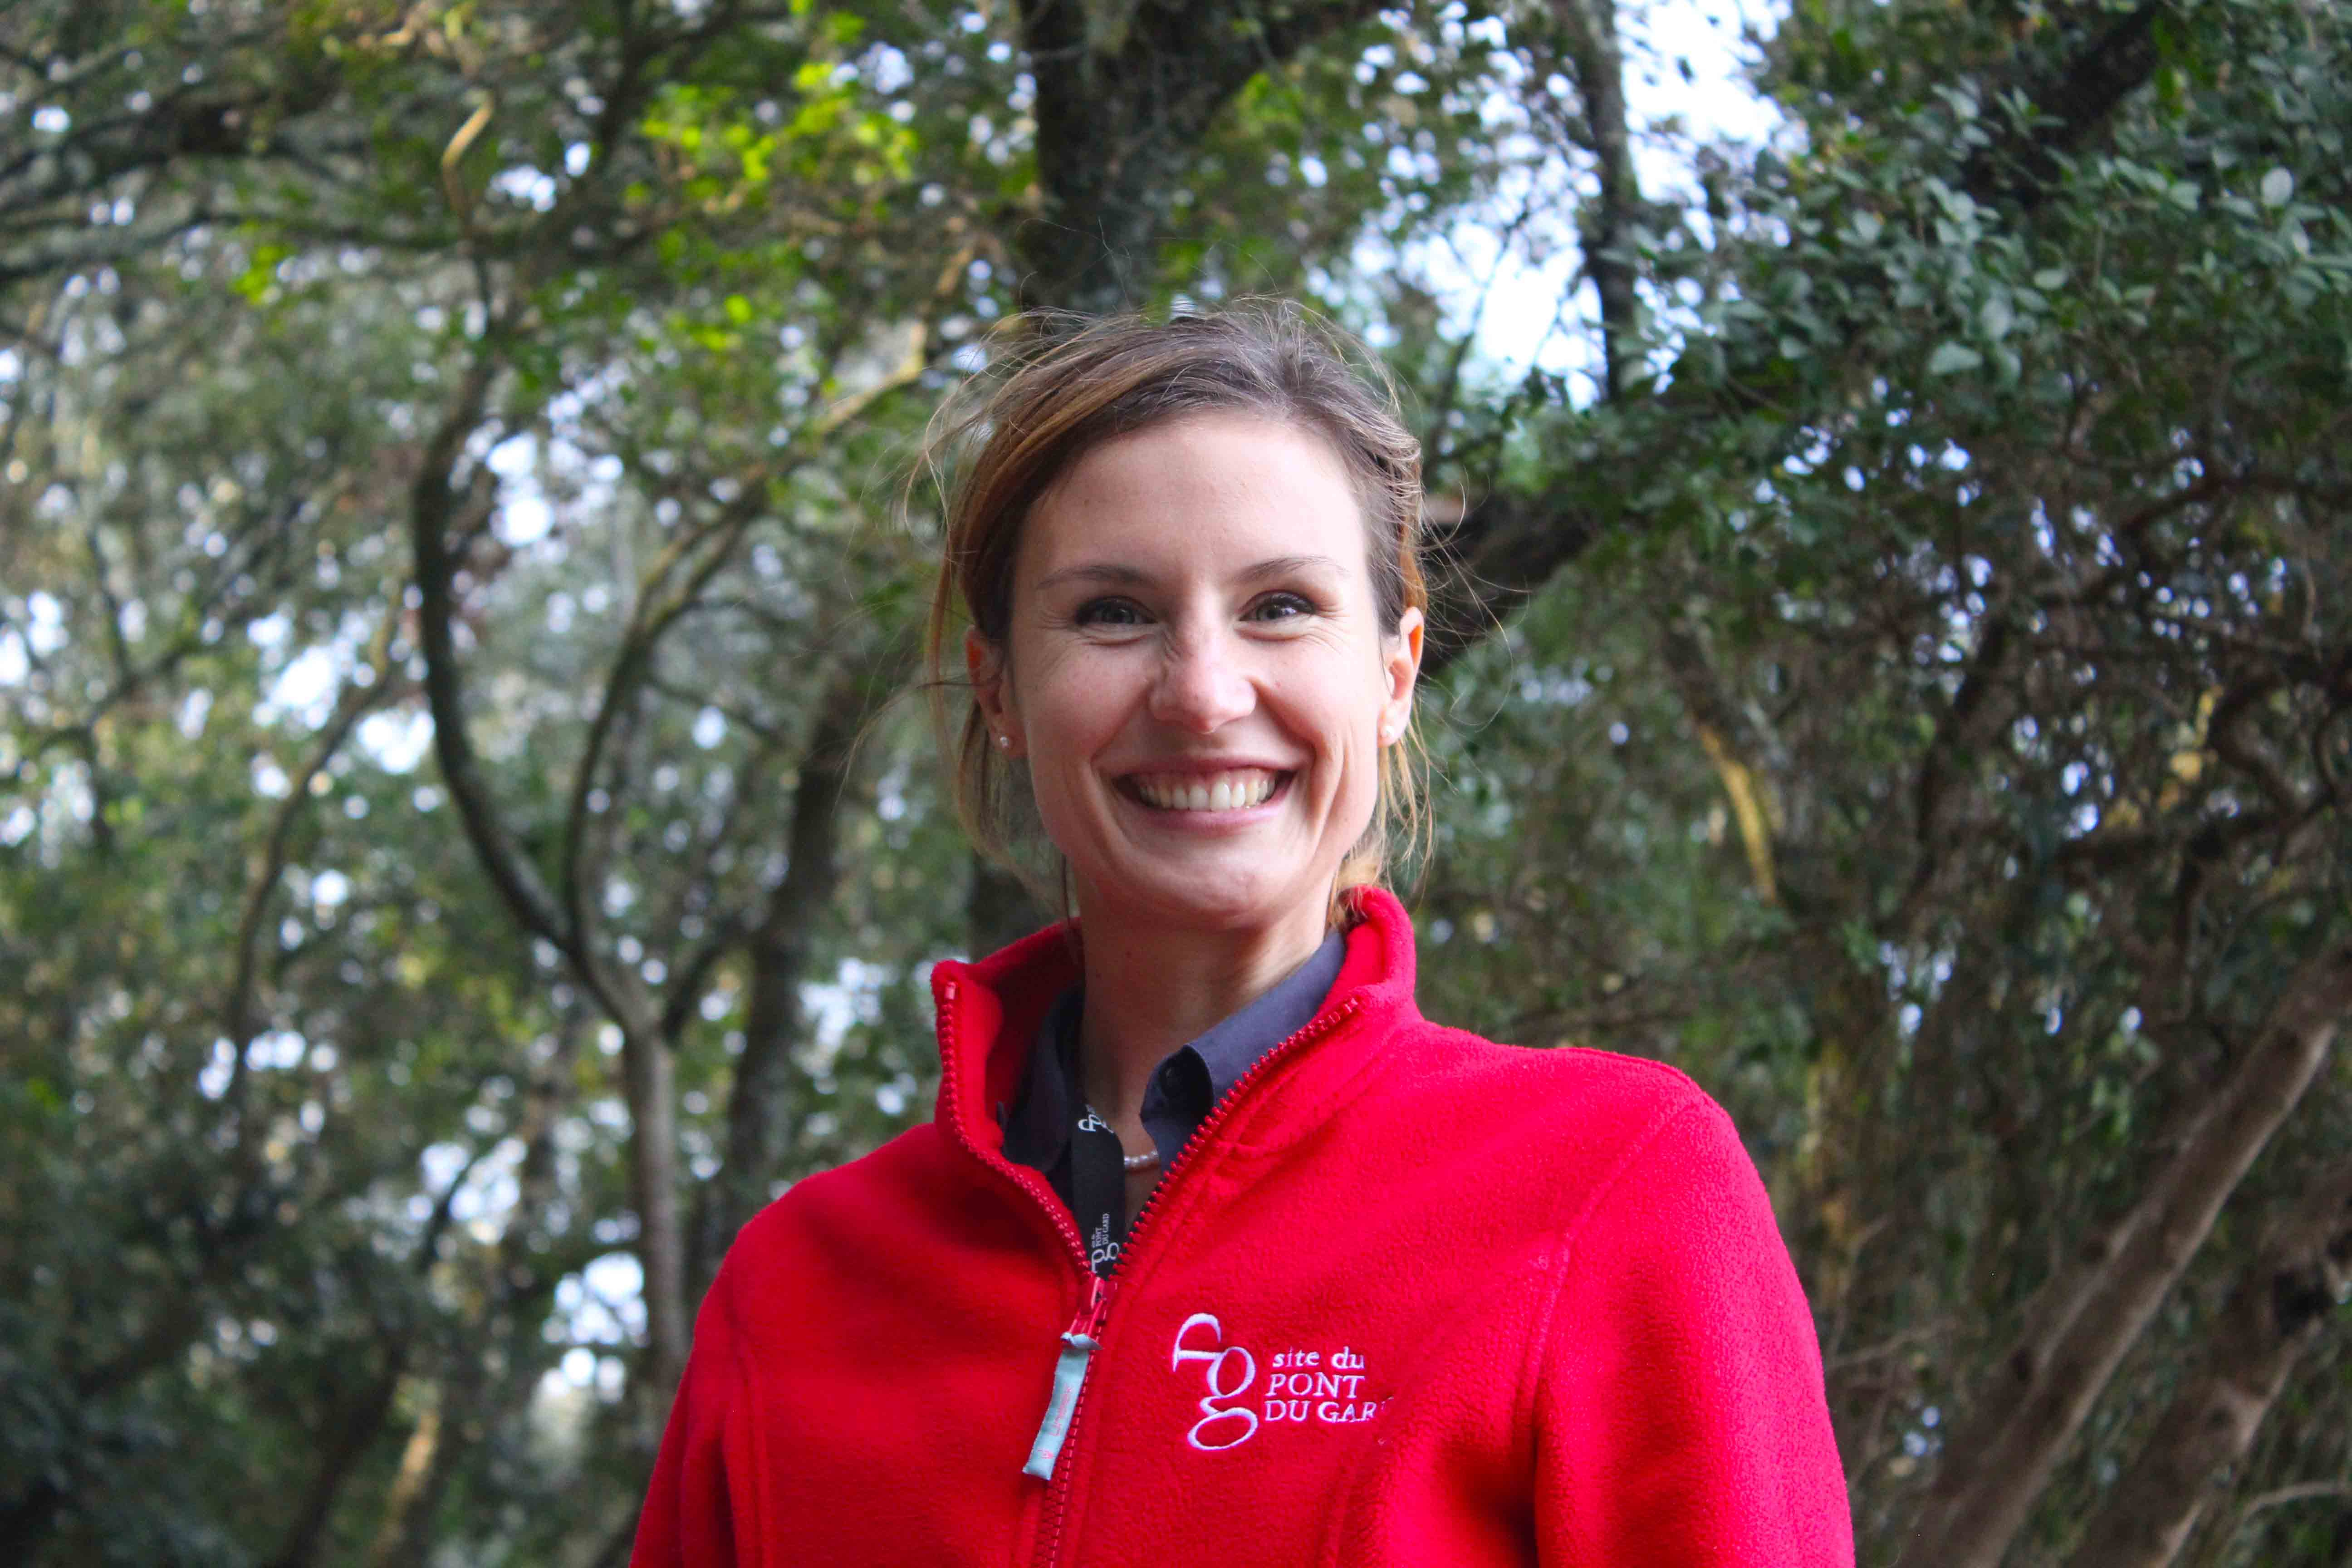 Matina Ghini, guia de Turismo do Pont Du Gard